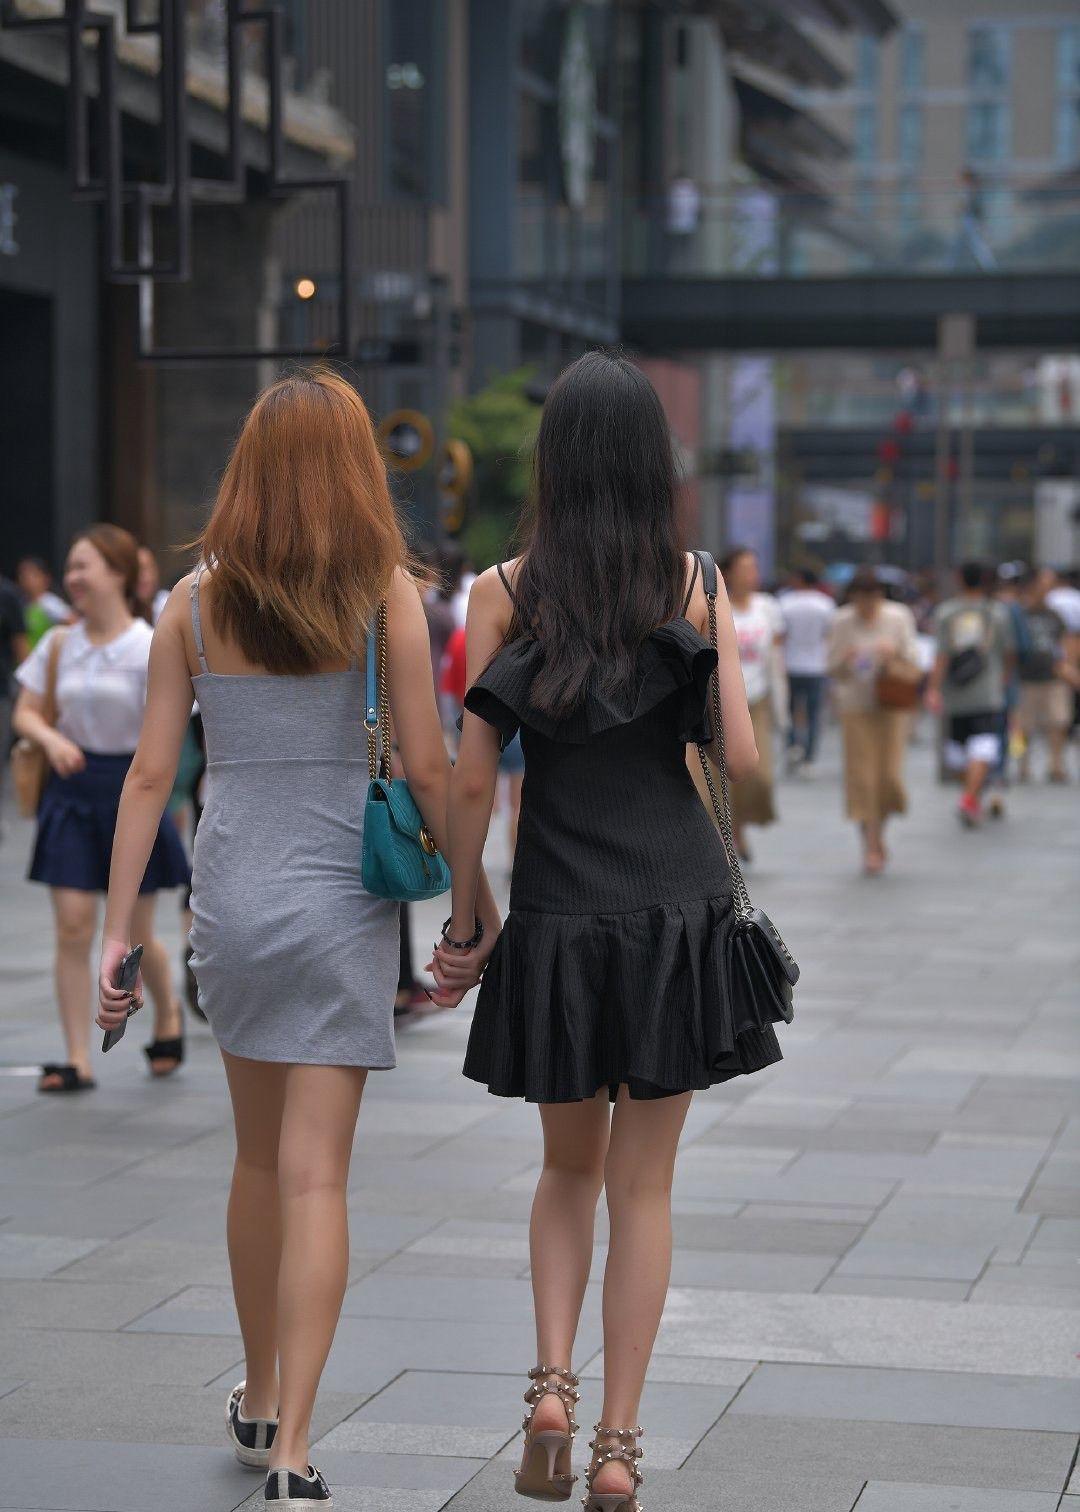 街拍:雪肤花貌的小姐姐,连衣裙配高跟鞋,女人味十足